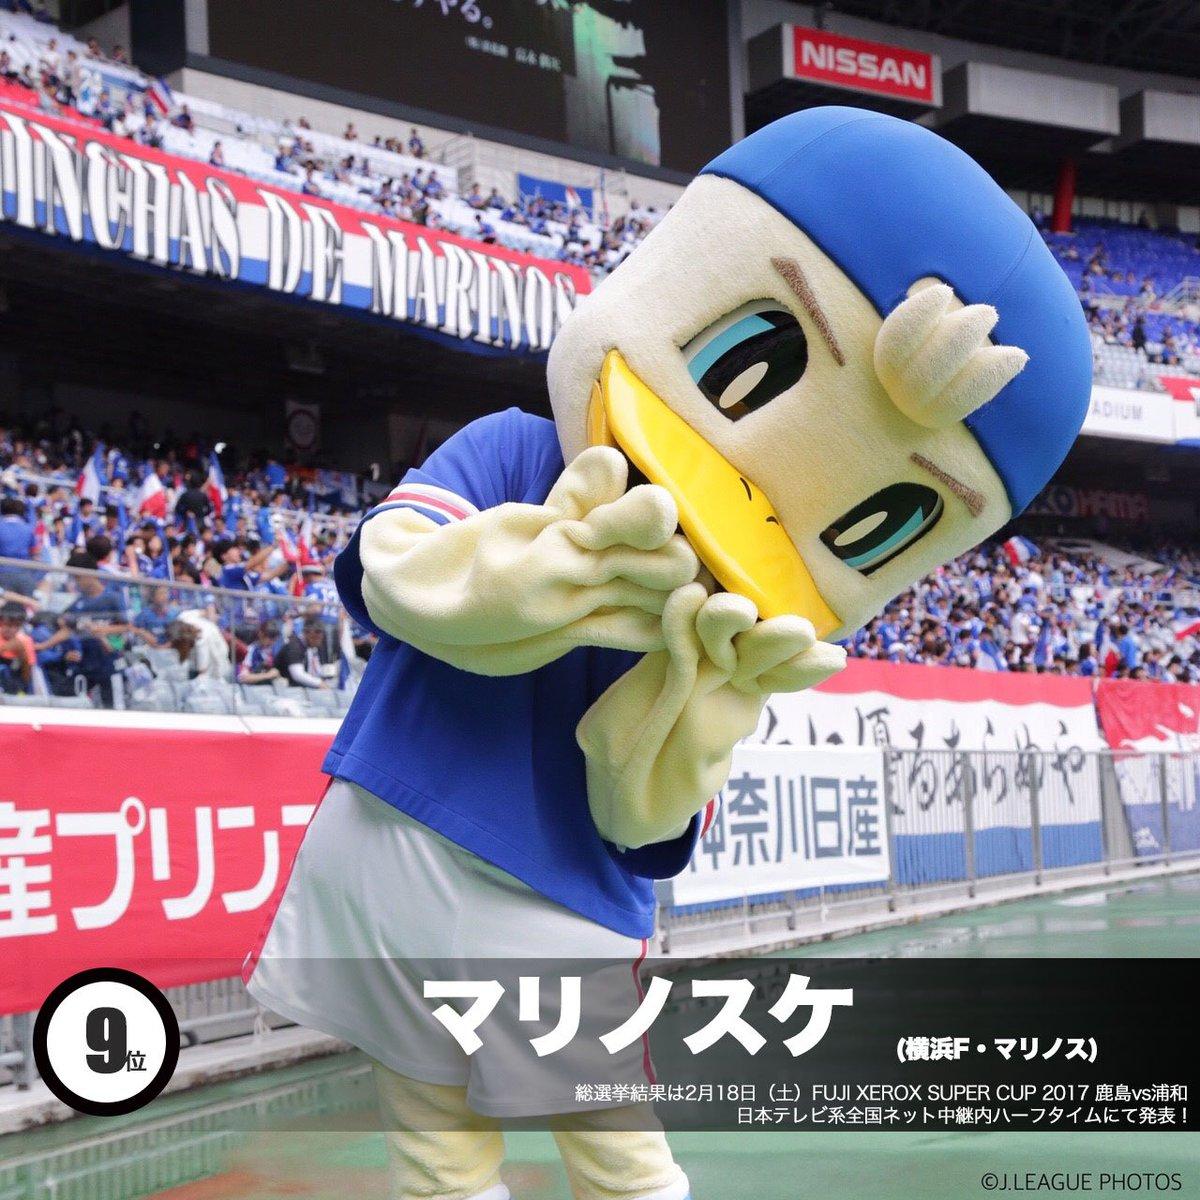 🏅#Jマスコット総選挙 結果発表🎖  🎖 9位:マリノスケ ⚽️ 横浜F・マリノス  #Jリーグ開幕…